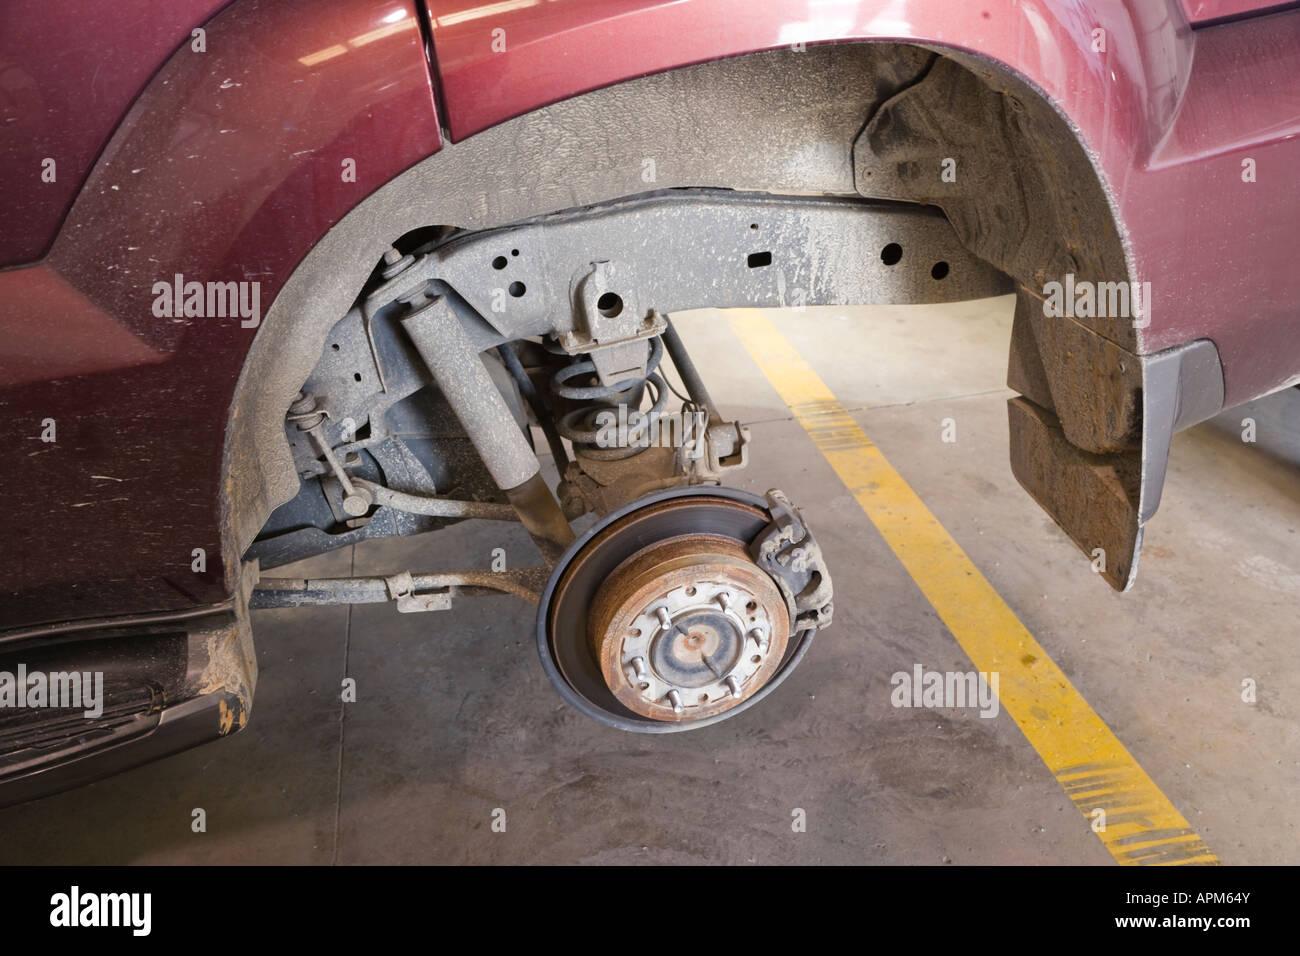 Rad Bremse und Federung Nabeneinheit auf 4 x 4 Fahrzeug Stockbild